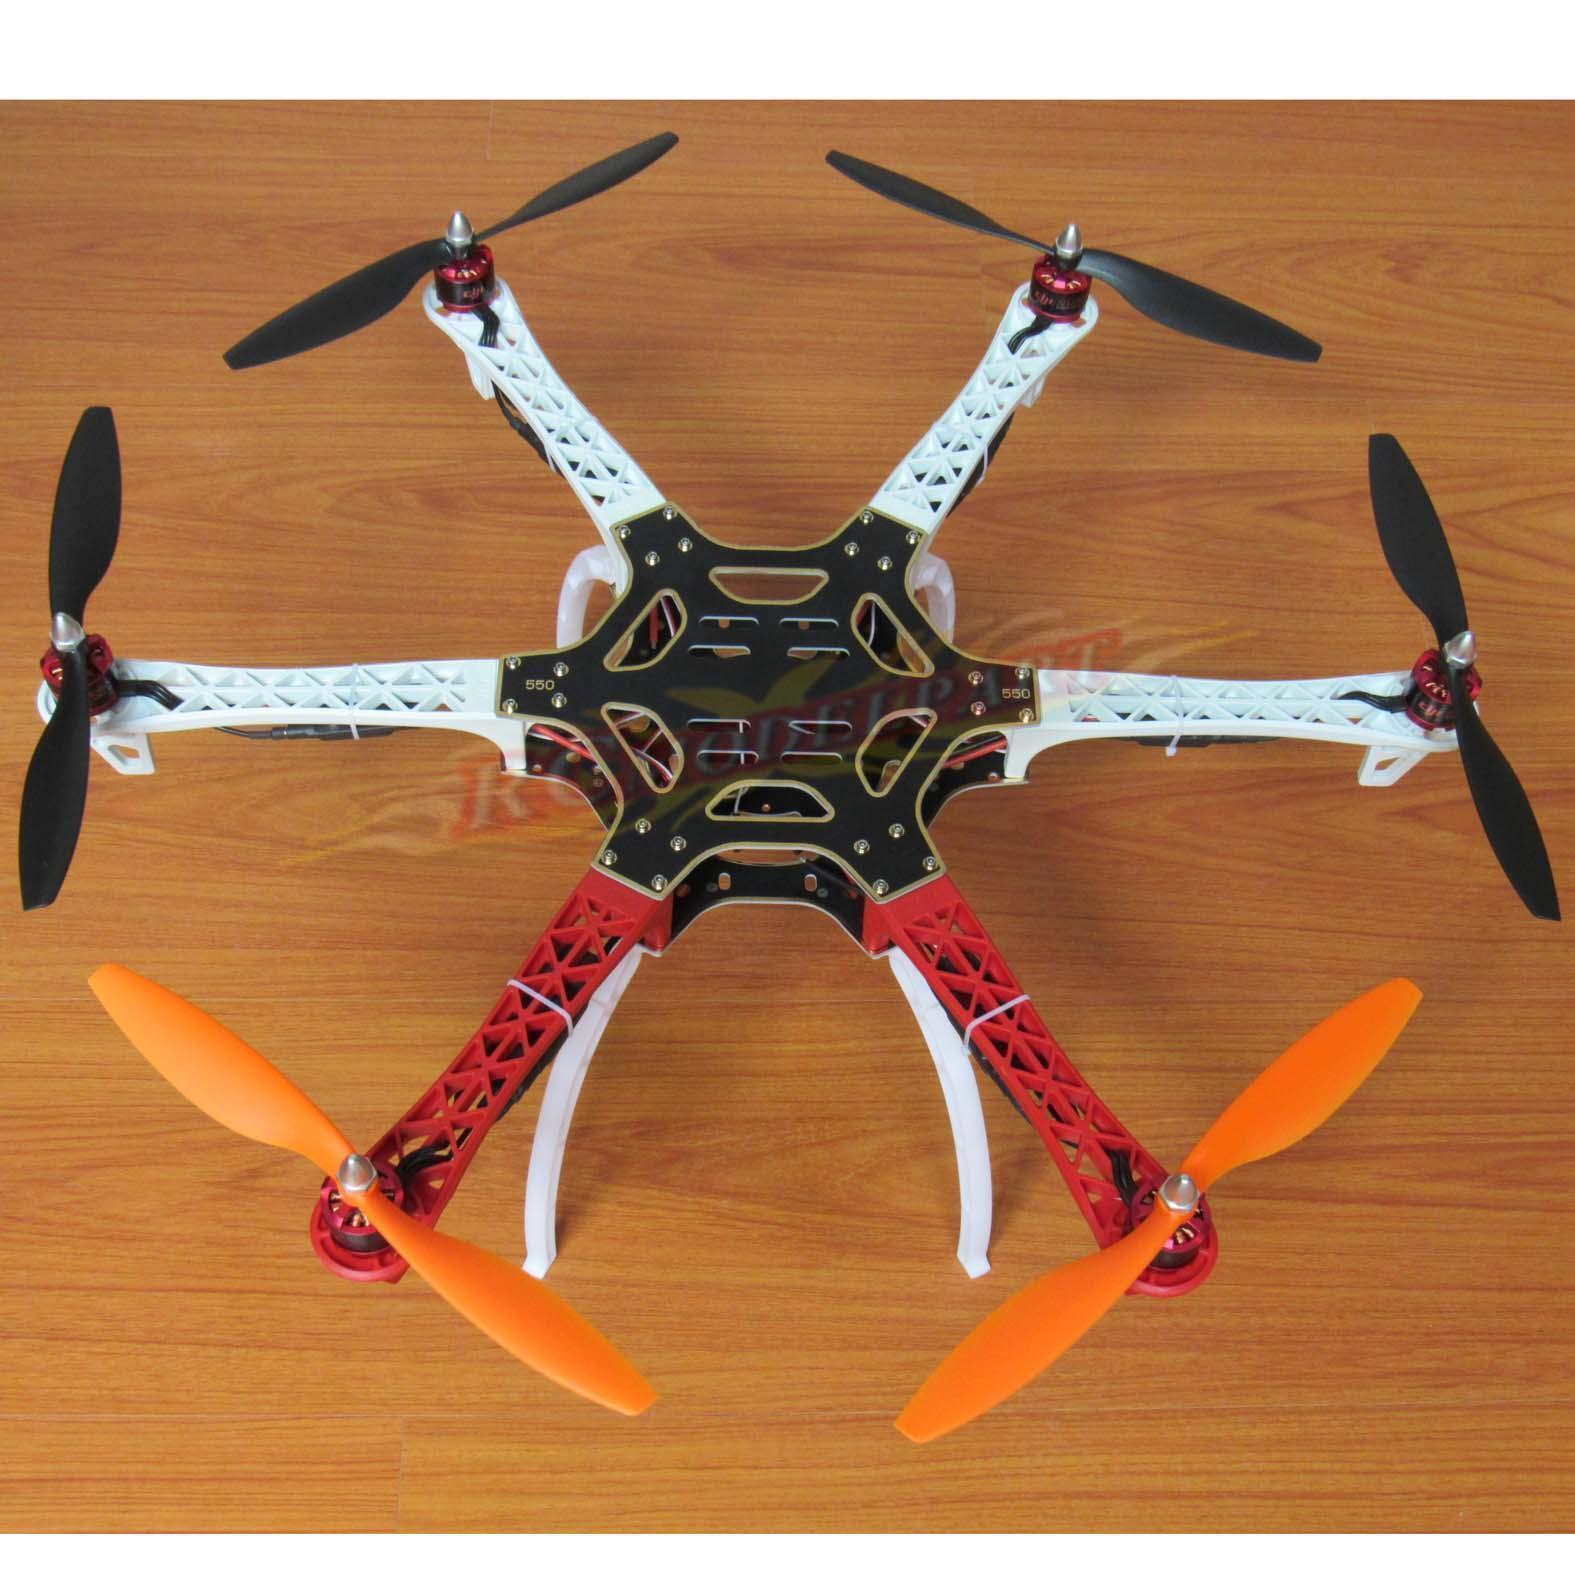 F550 hexacopter rahmen hobbypower 920kv bl - simonk 30a esc gemfan 1045